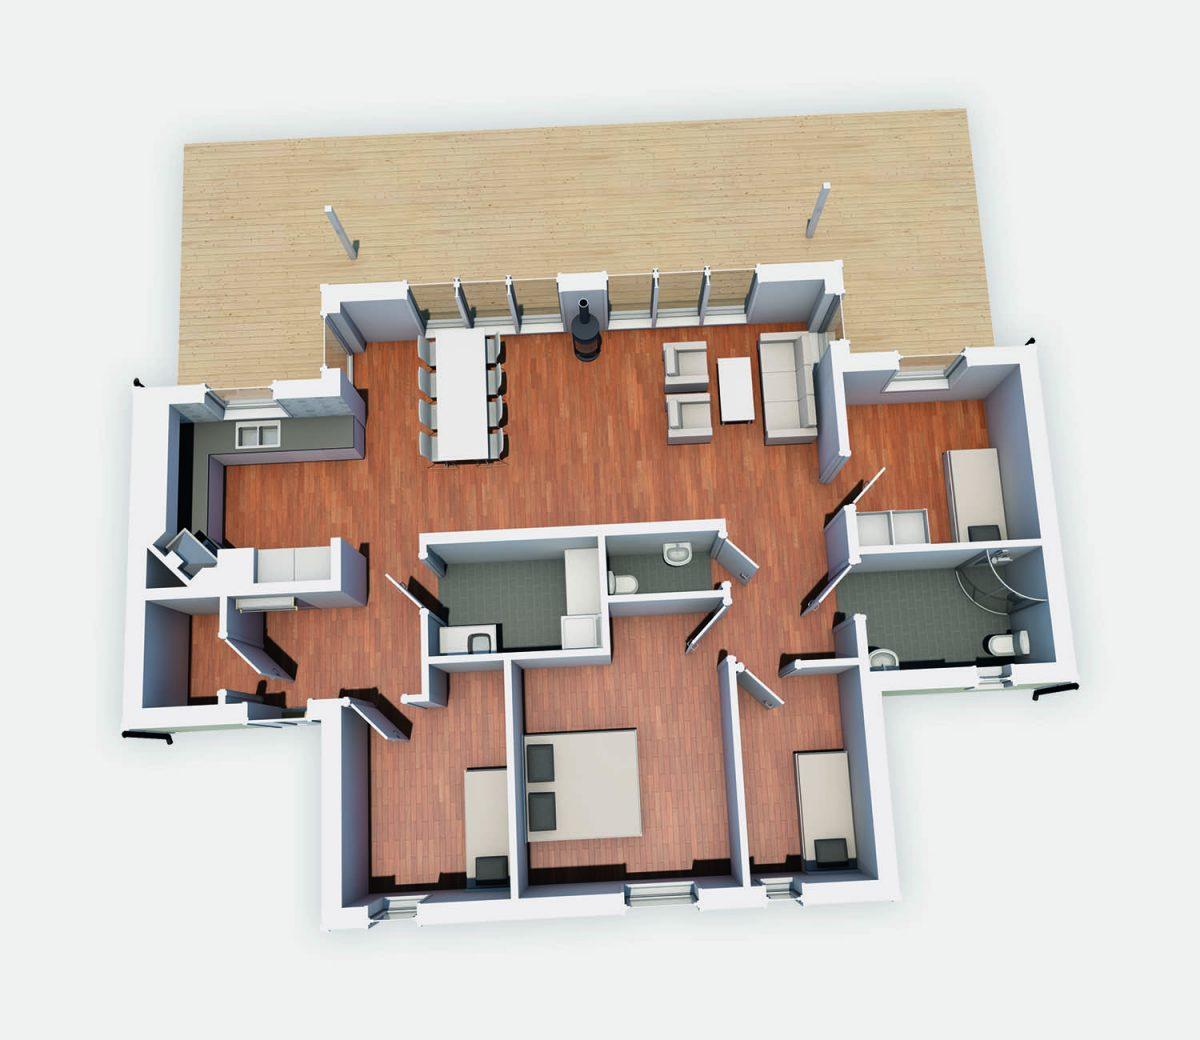 Strycksele XL 3D Plan 1 Fritidshus Byggsats Hus från Jörnträhus platta